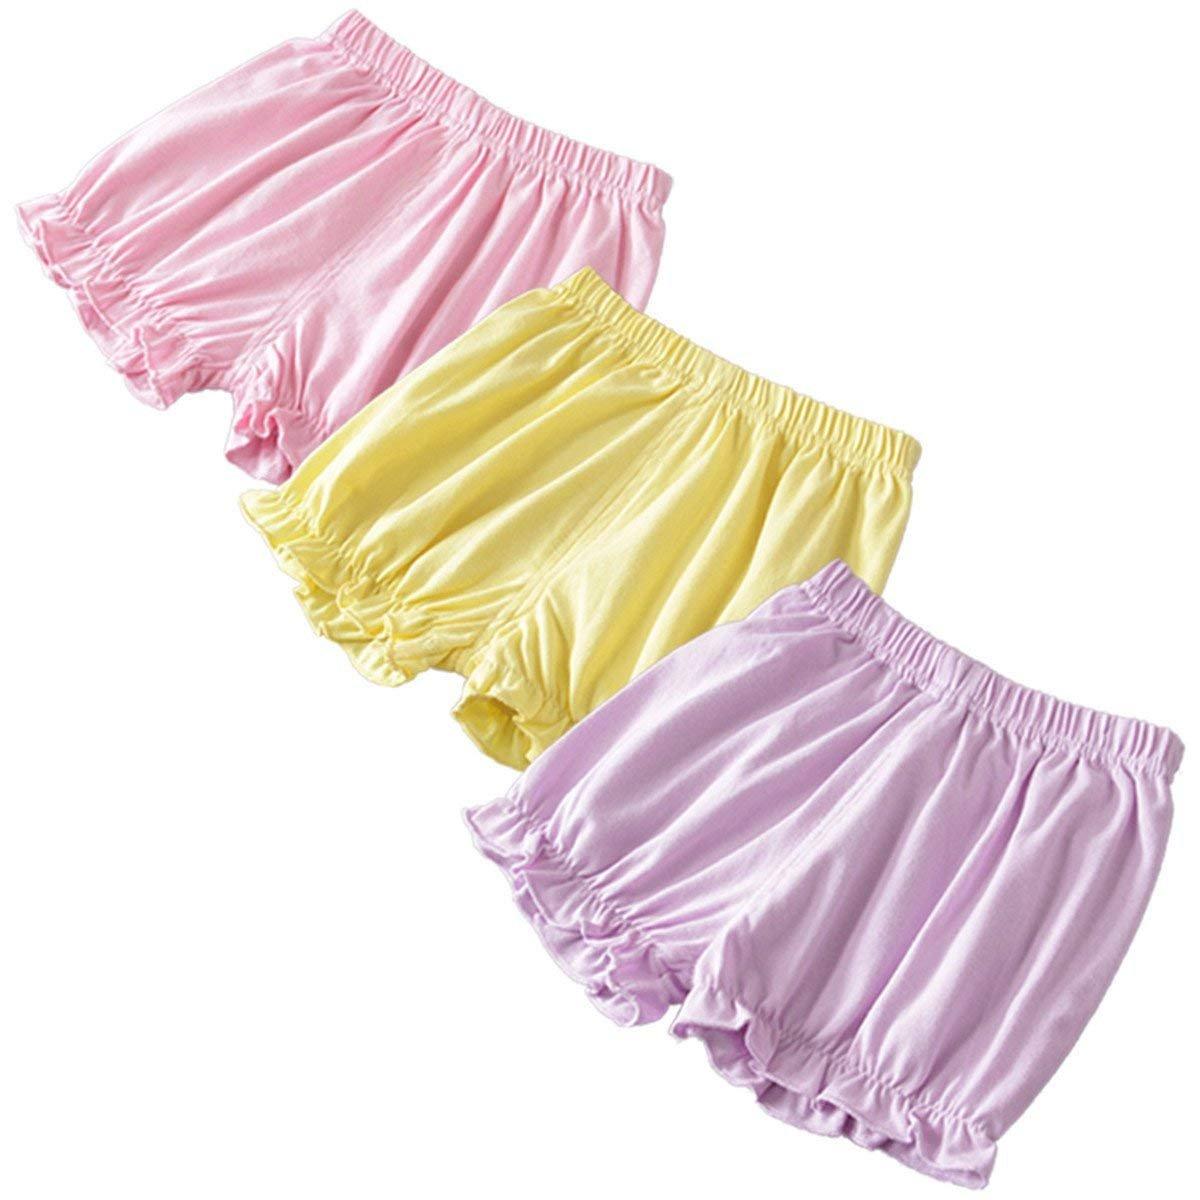 Maylife 3 Pack Little Baby Girls Cotton Linen Blend Summer Soild Ruffle Bloomer Shorts